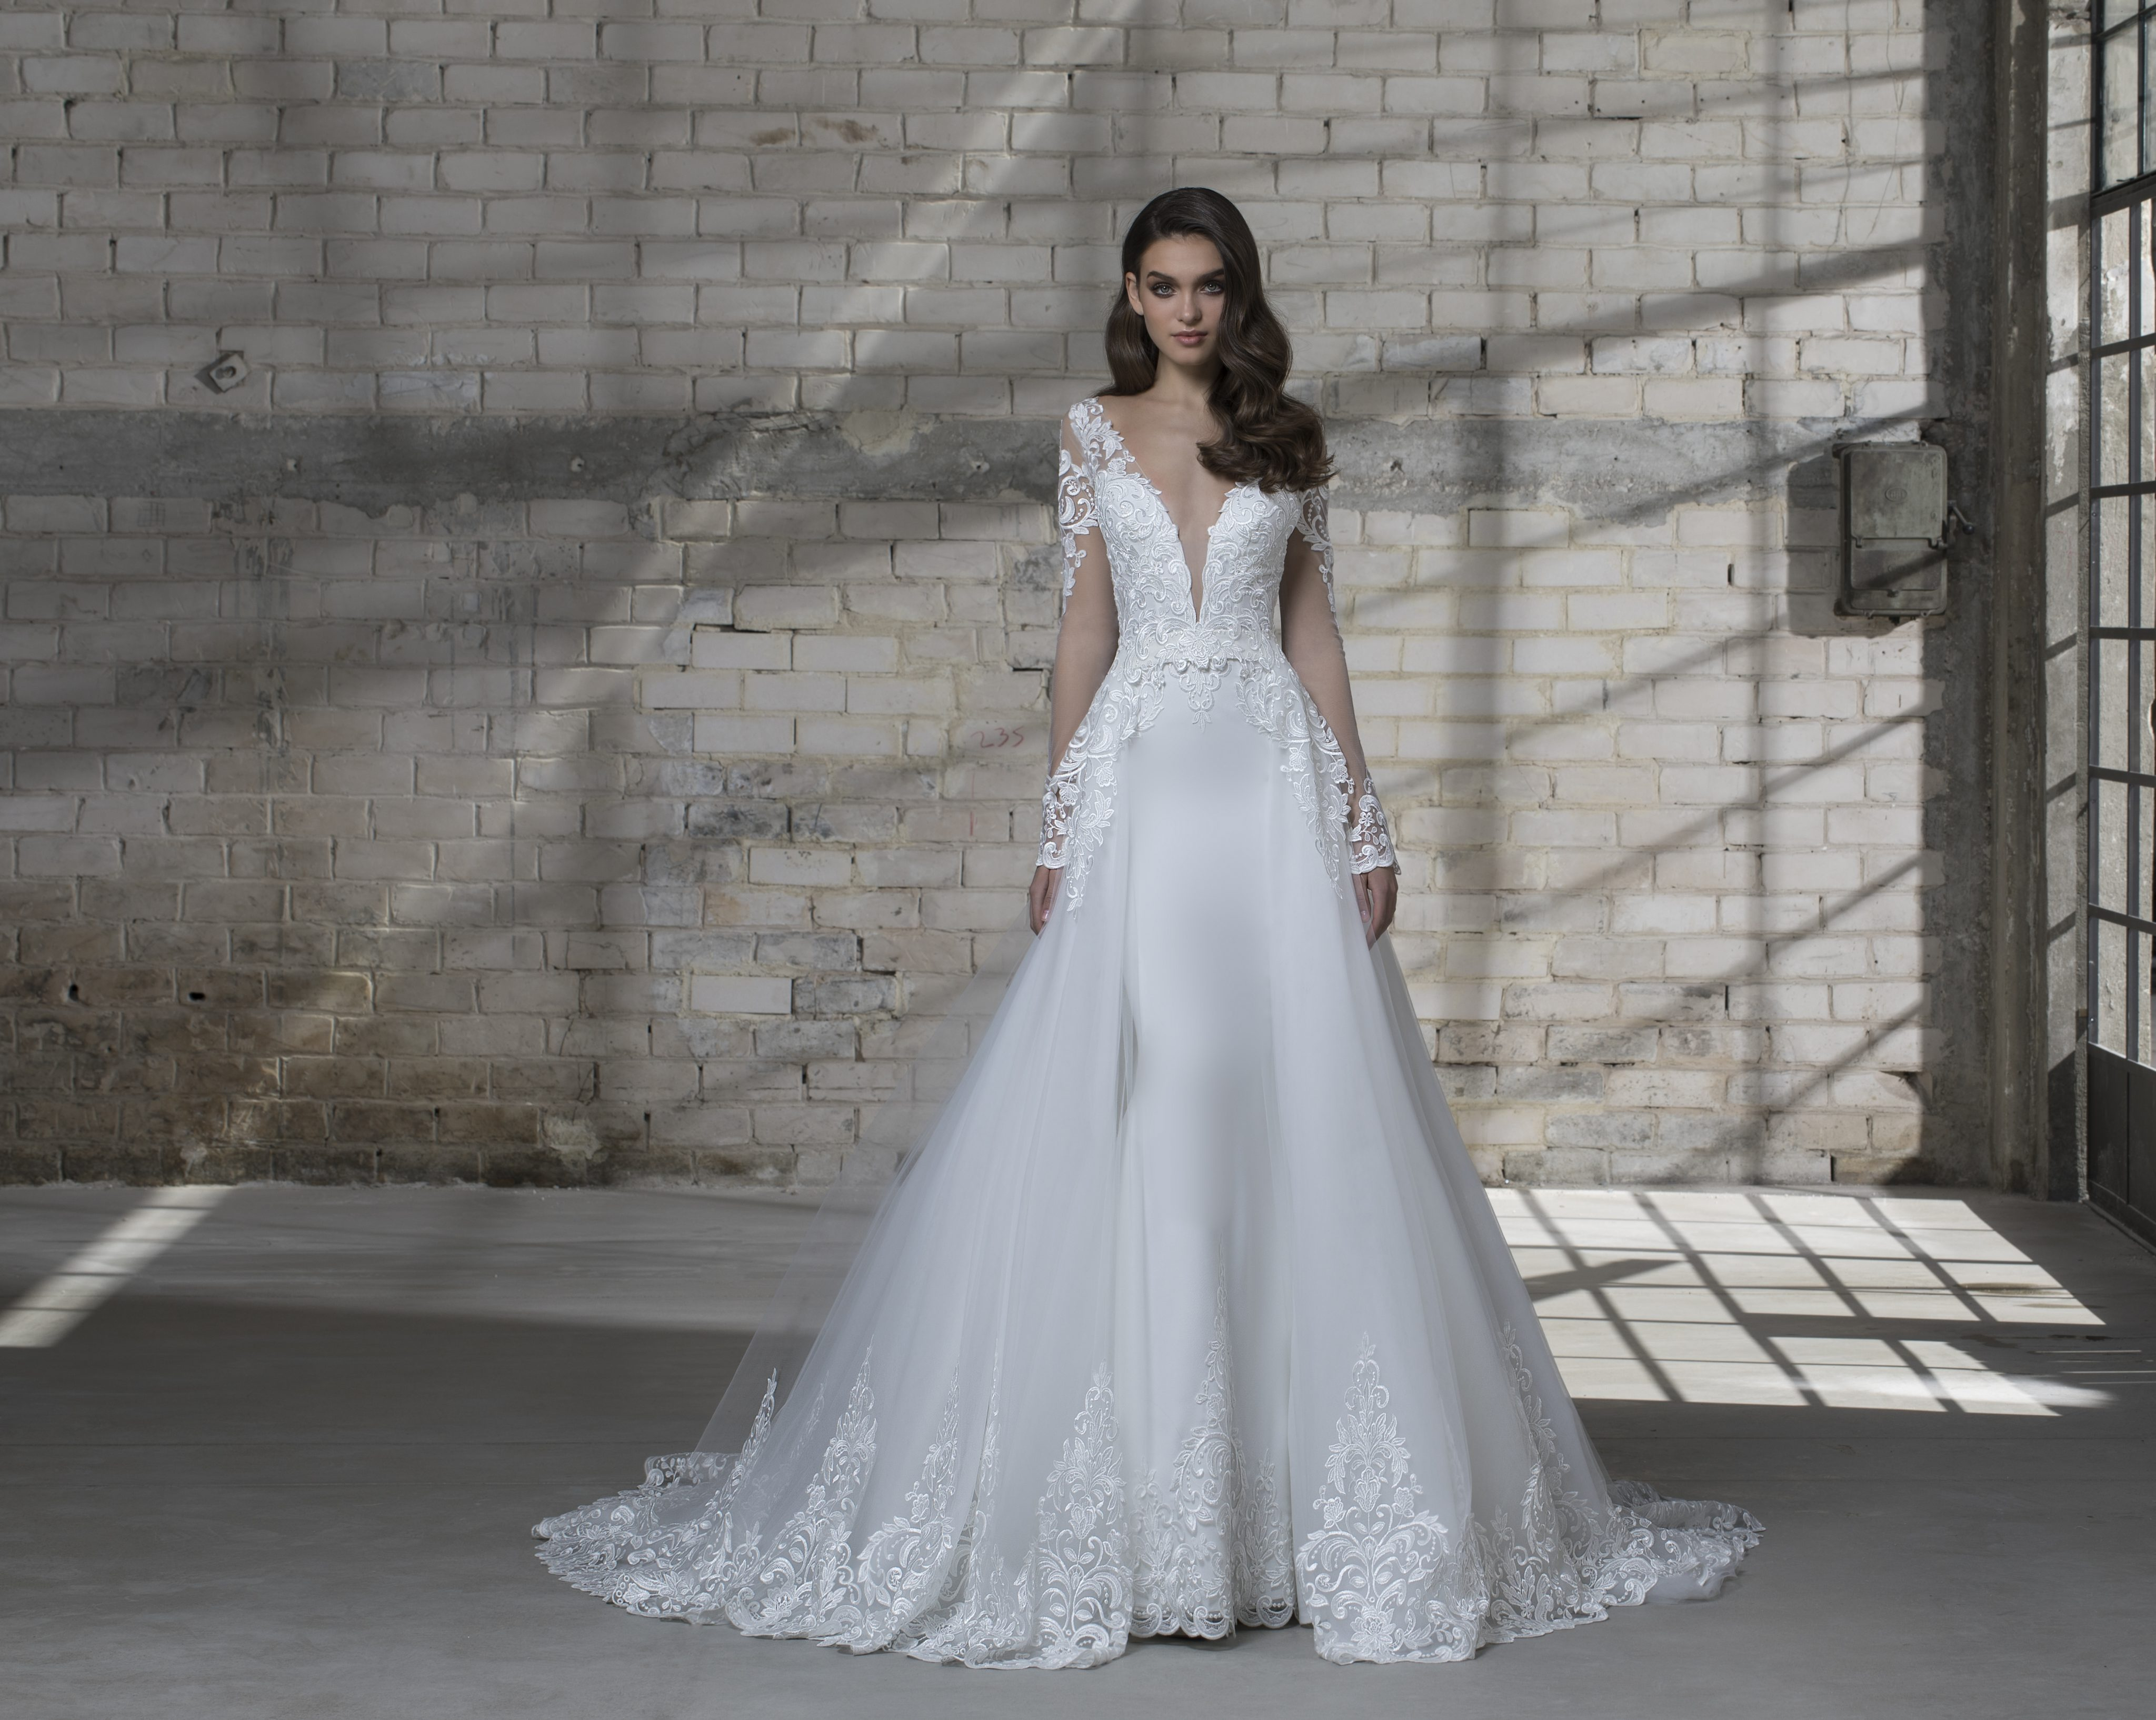 Long Sleeve Illusion Sheath V-neck Wedding Dress With